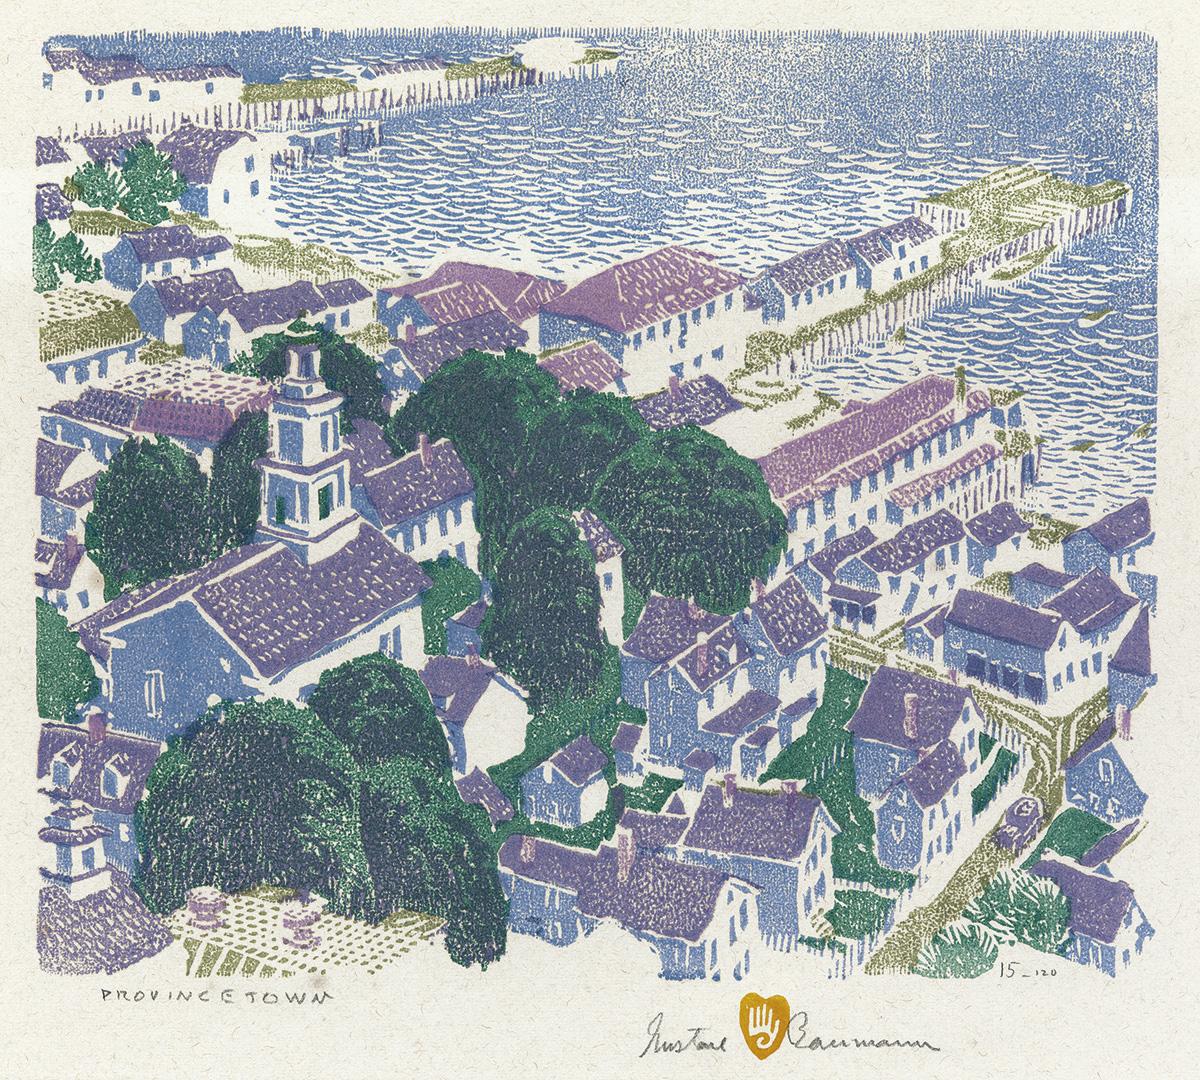 GUSTAVE BAUMANN Provincetown.